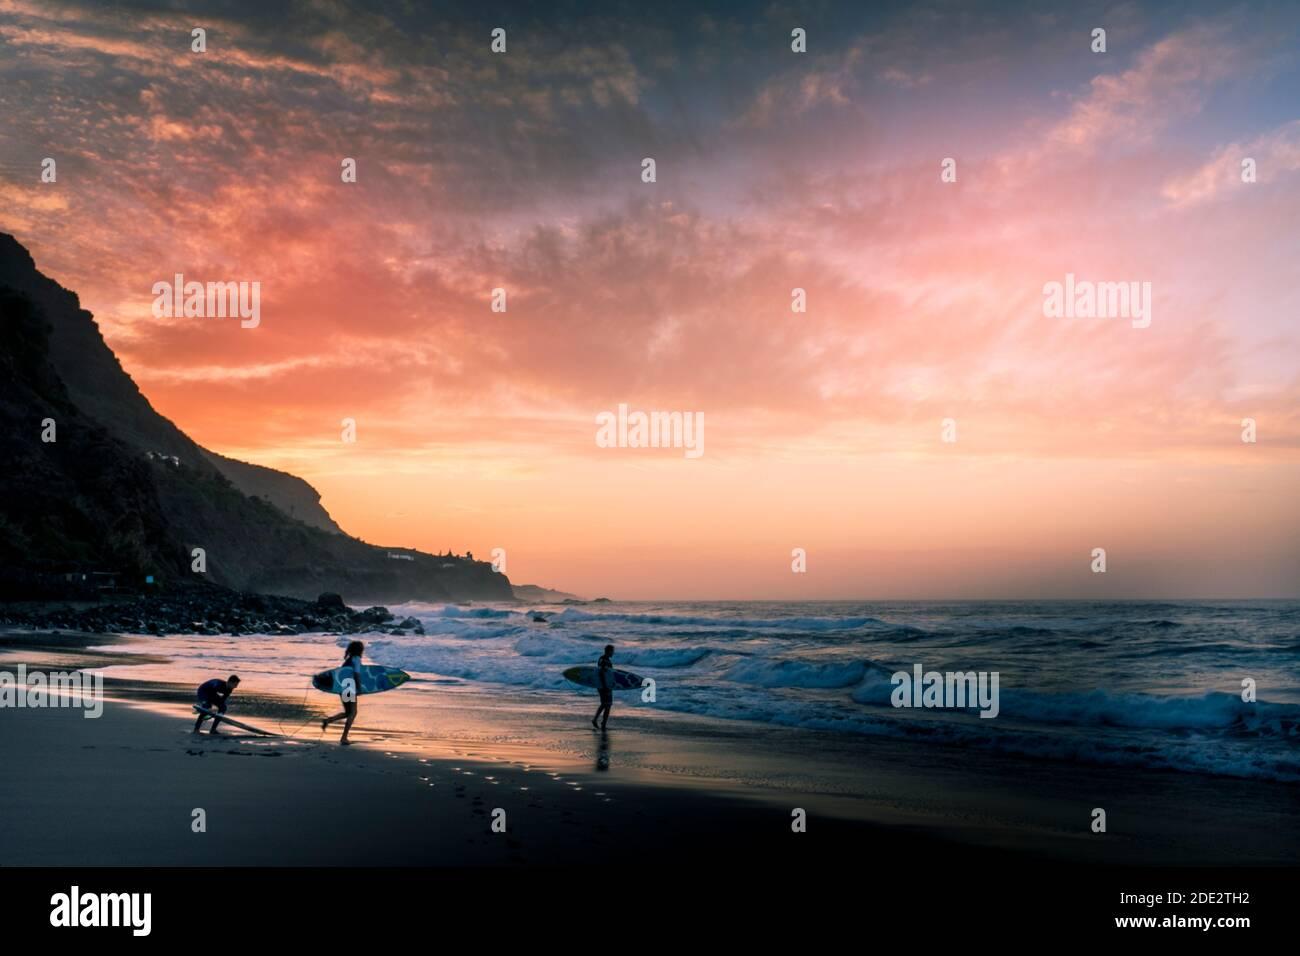 Un coucher de soleil aux couleurs incroyables sur la plage avec groupe de surfeurs aller à l'eau - sport de l'océan en été vacances pour les personnes actives Banque D'Images